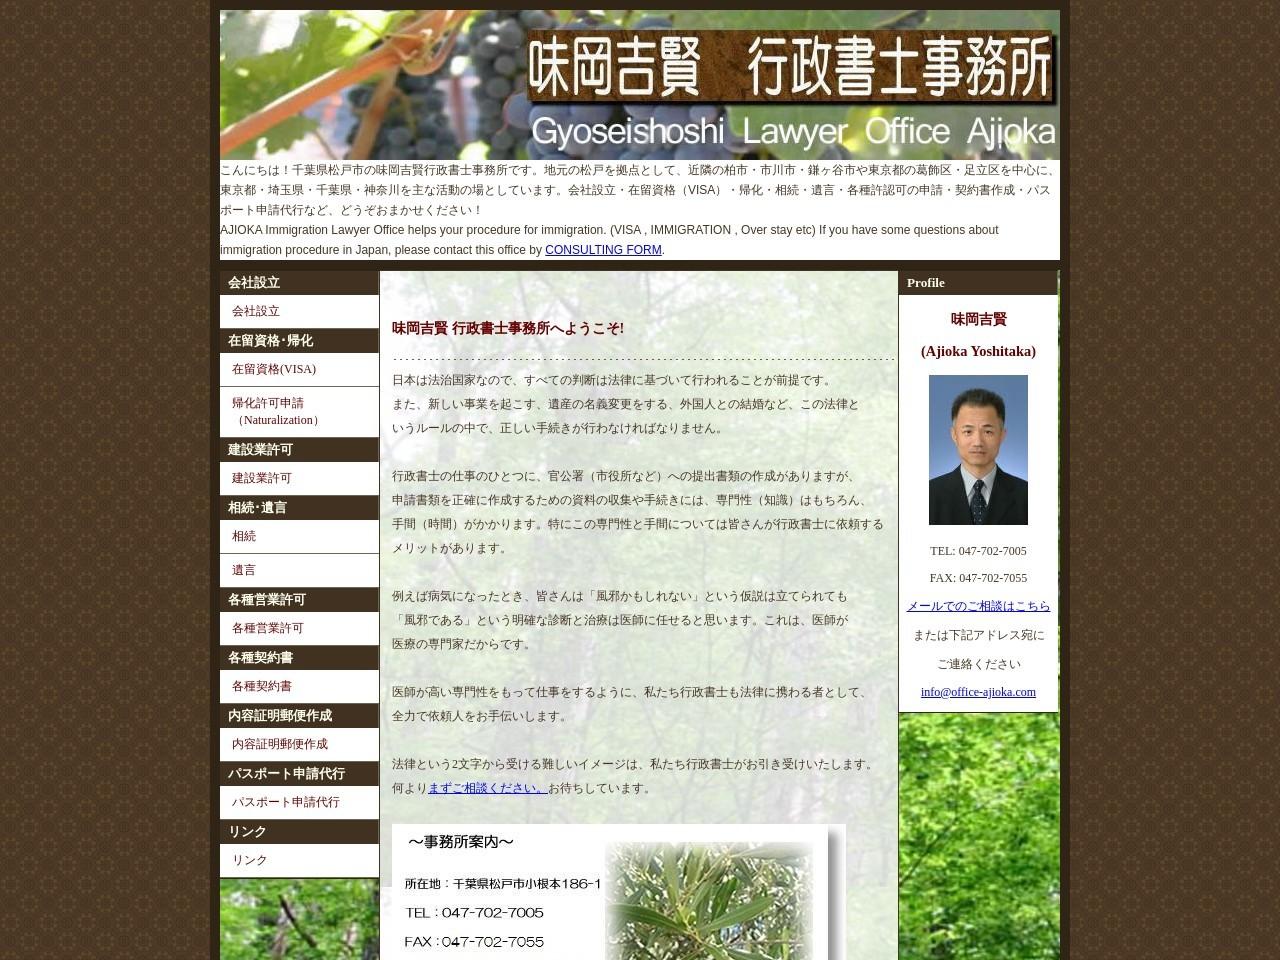 味岡吉賢行政書士事務所